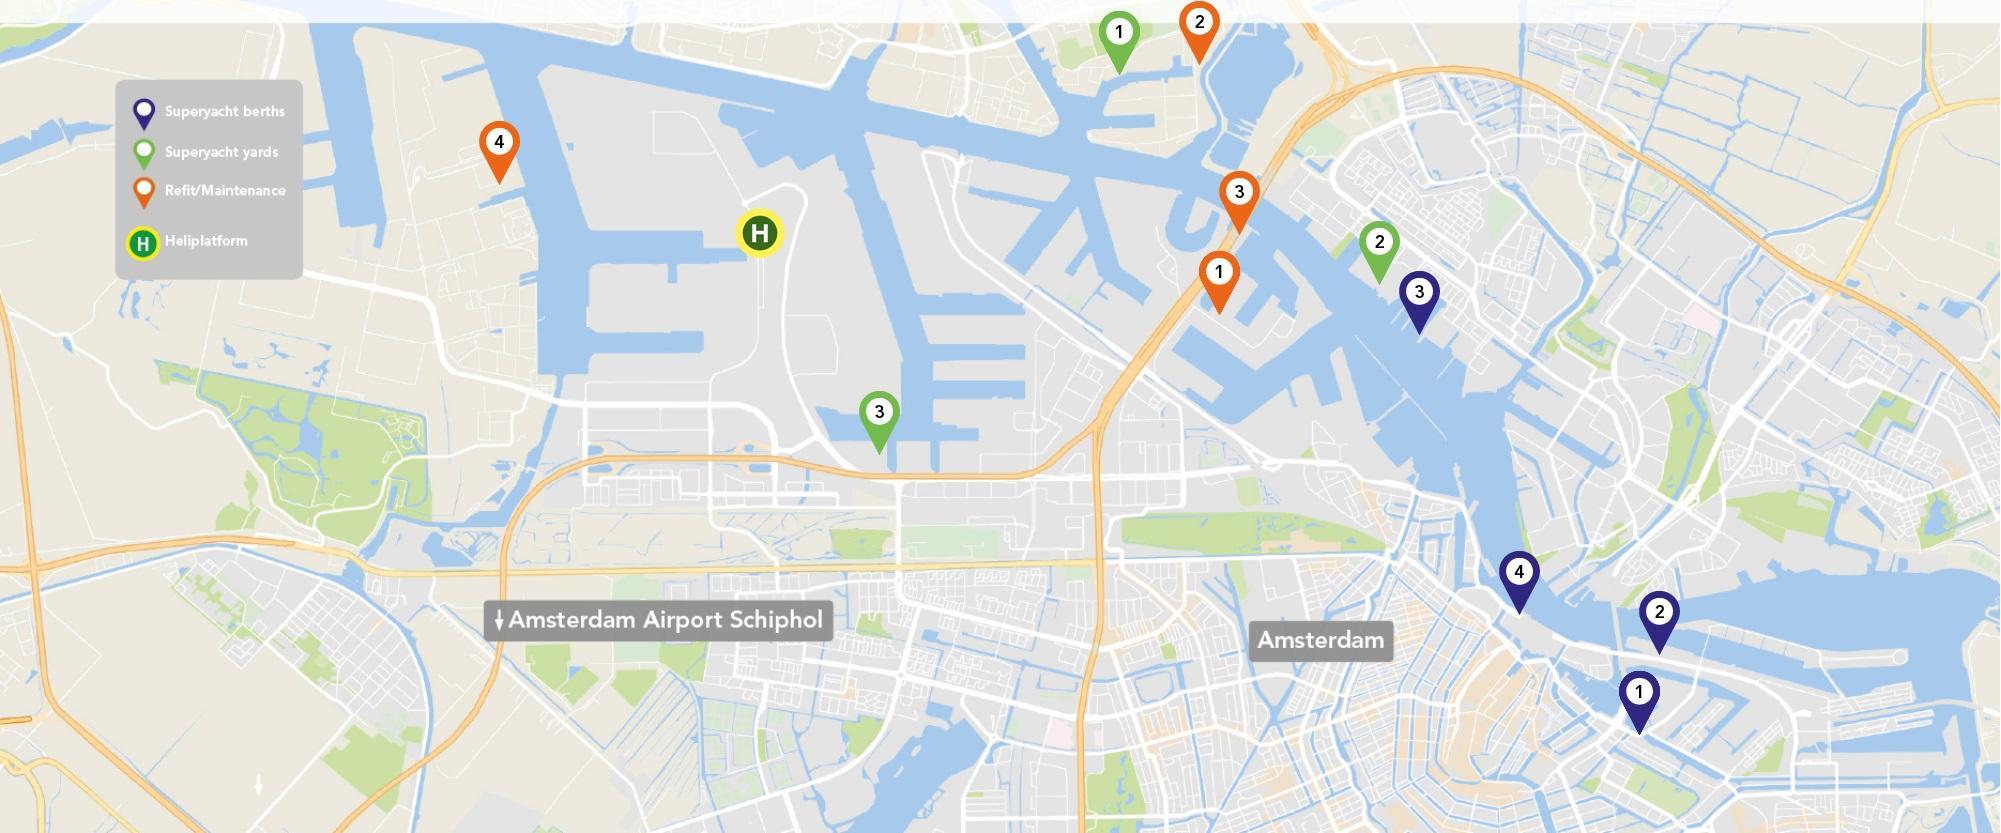 Alle locaties voor superjachten op de kaart van Amsterdam